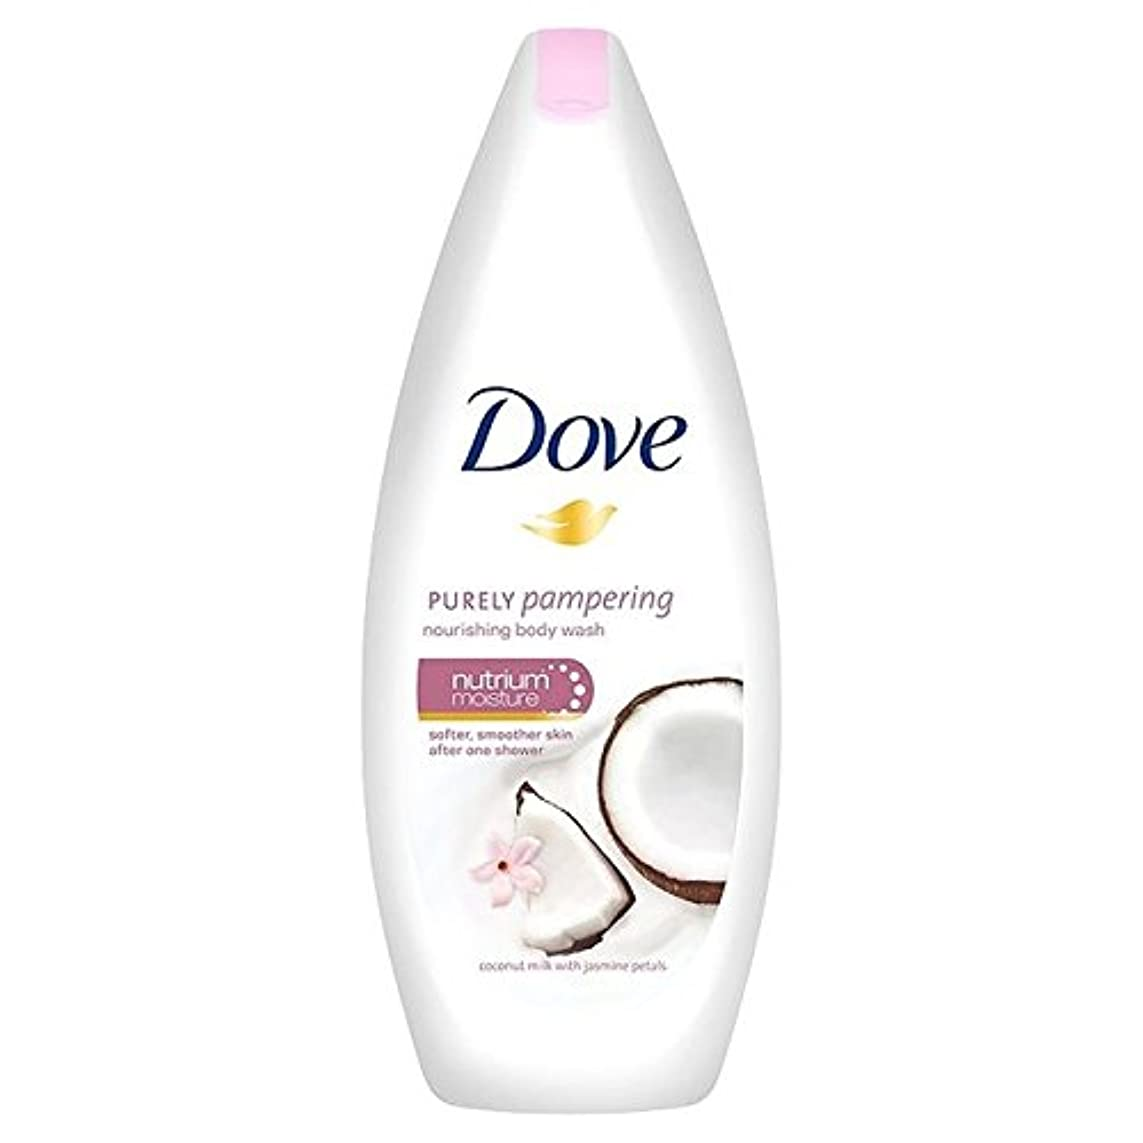 エゴマニア冗長多用途Dove Purely Pampering Coconut Body Wash 250ml - 鳩純粋に甘やかすココナッツボディウォッシュ250ミリリットル [並行輸入品]